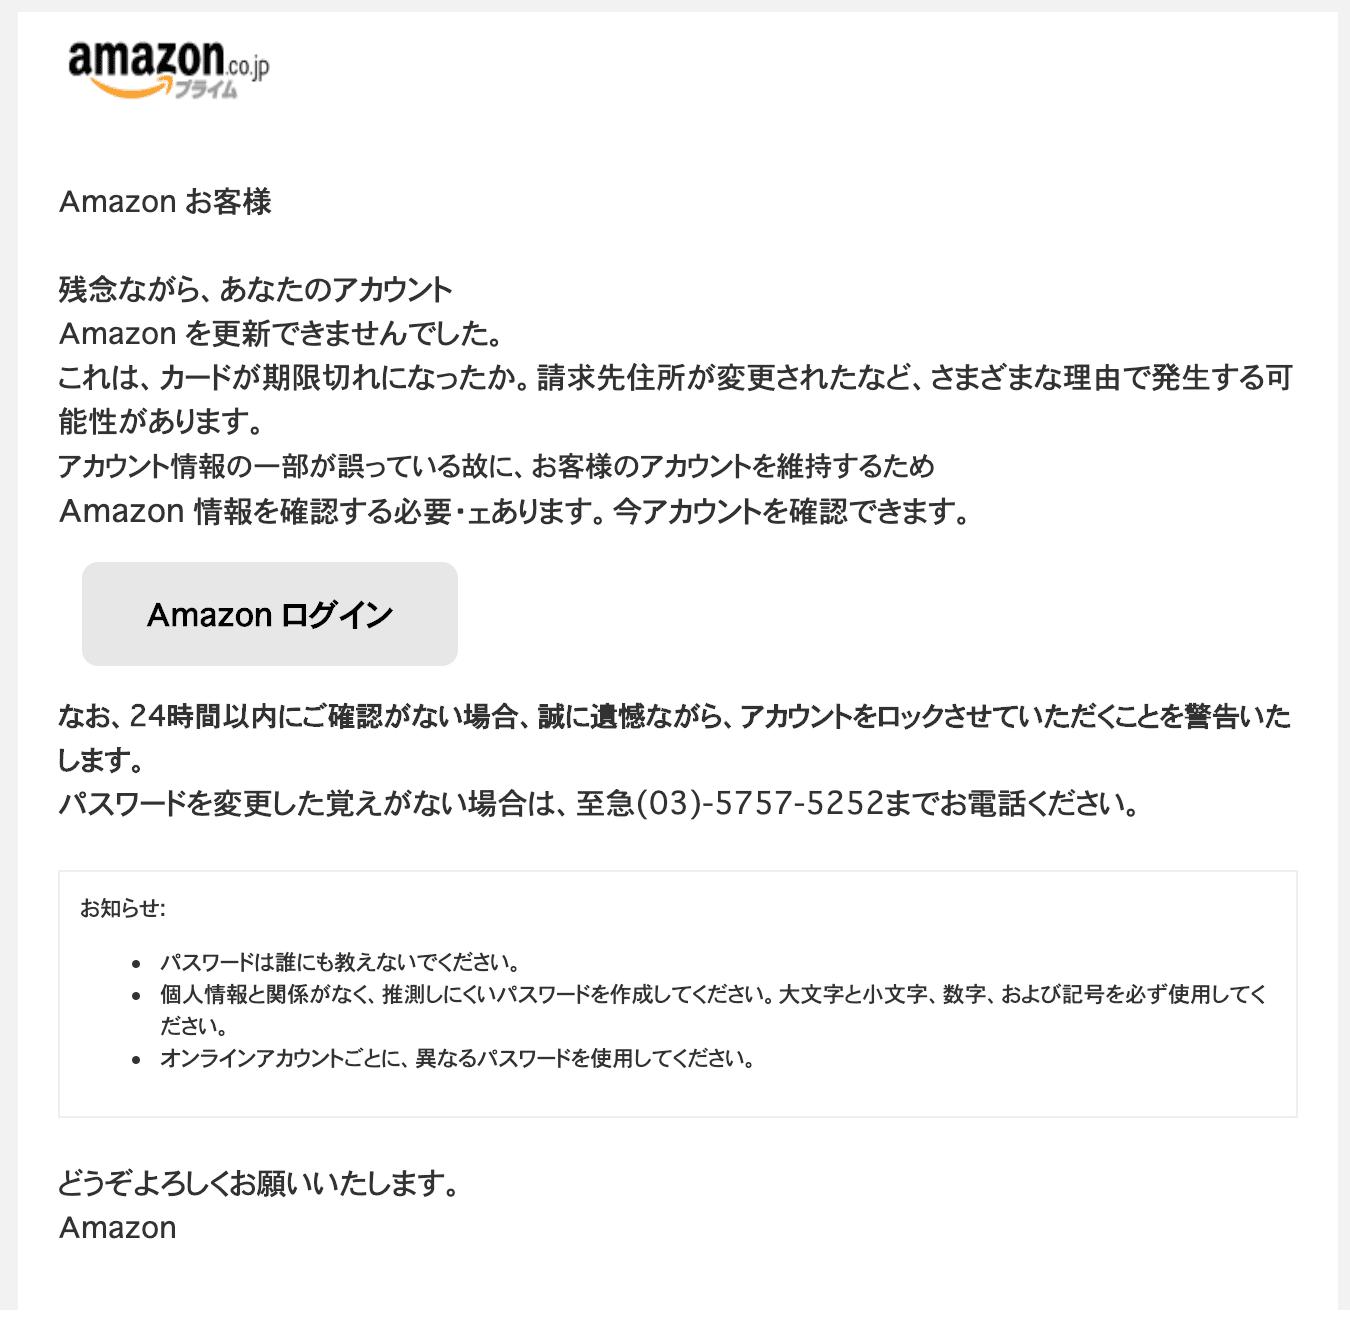 アカウント 情報 を 更新 確認 し て ください AMAZONからのメールが来ましたが、本物でしょうか?